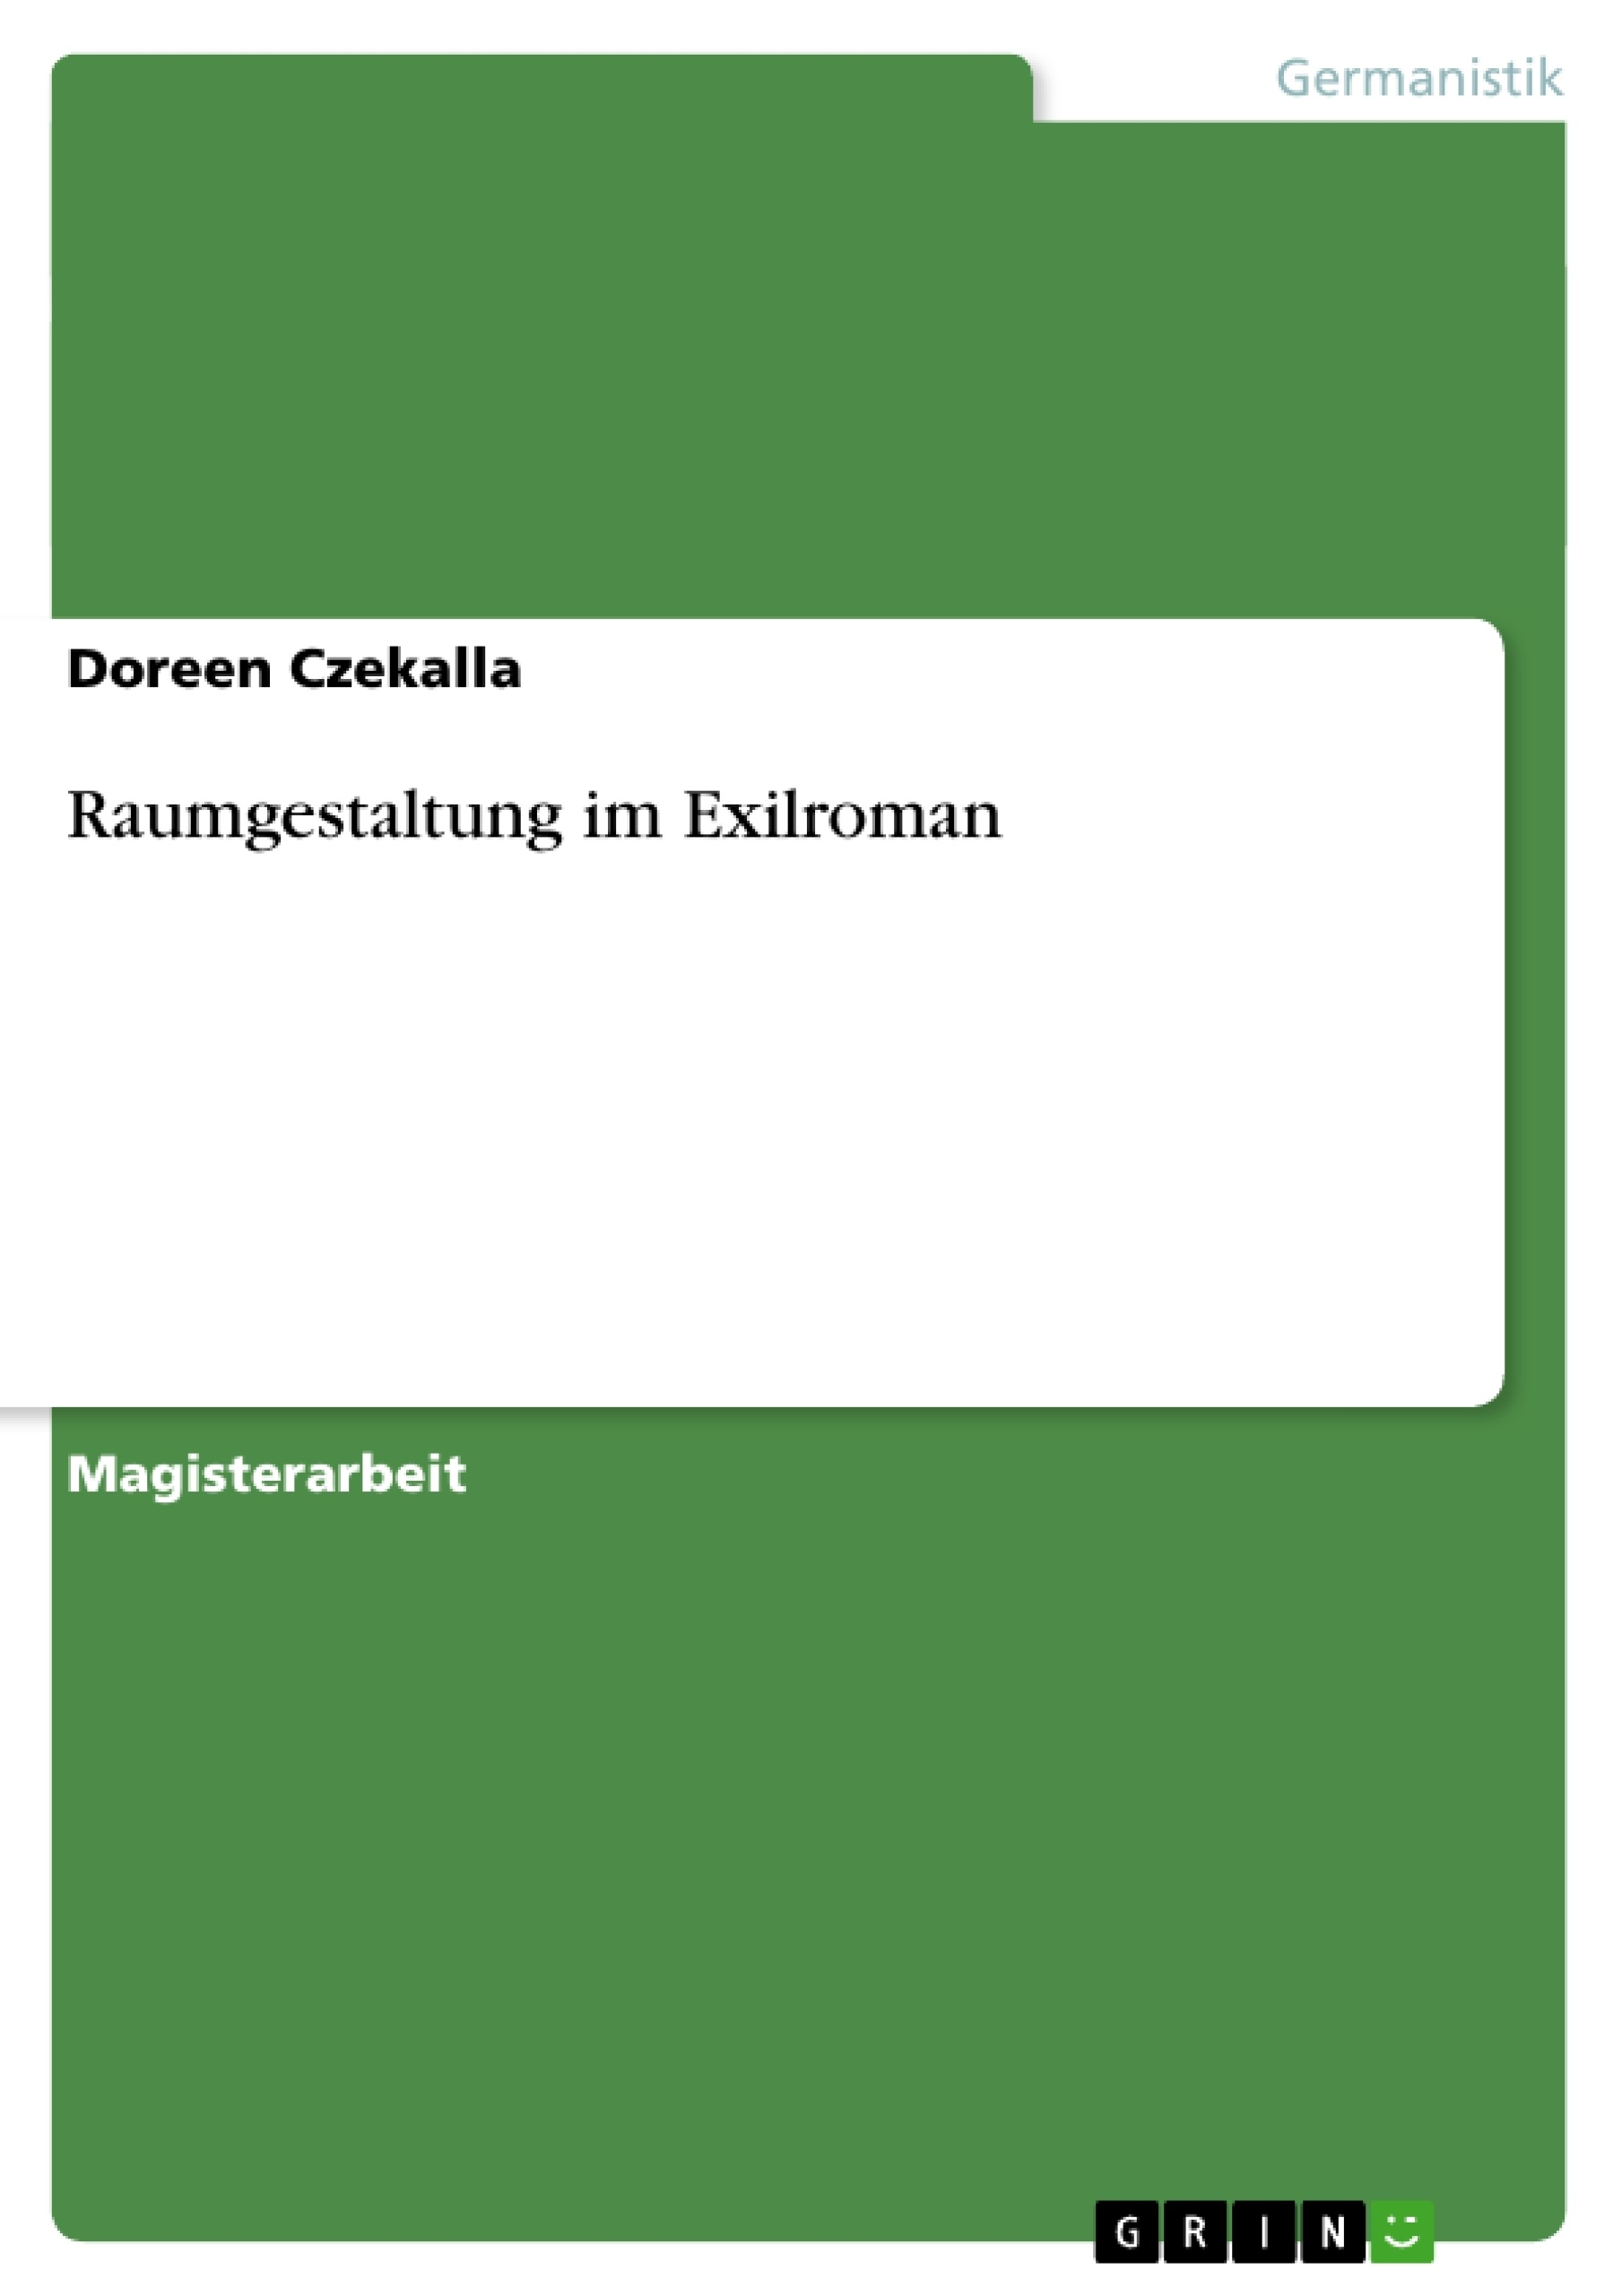 Raumgestaltung im exilroman masterarbeit hausarbeit for Raumgestaltung literatur